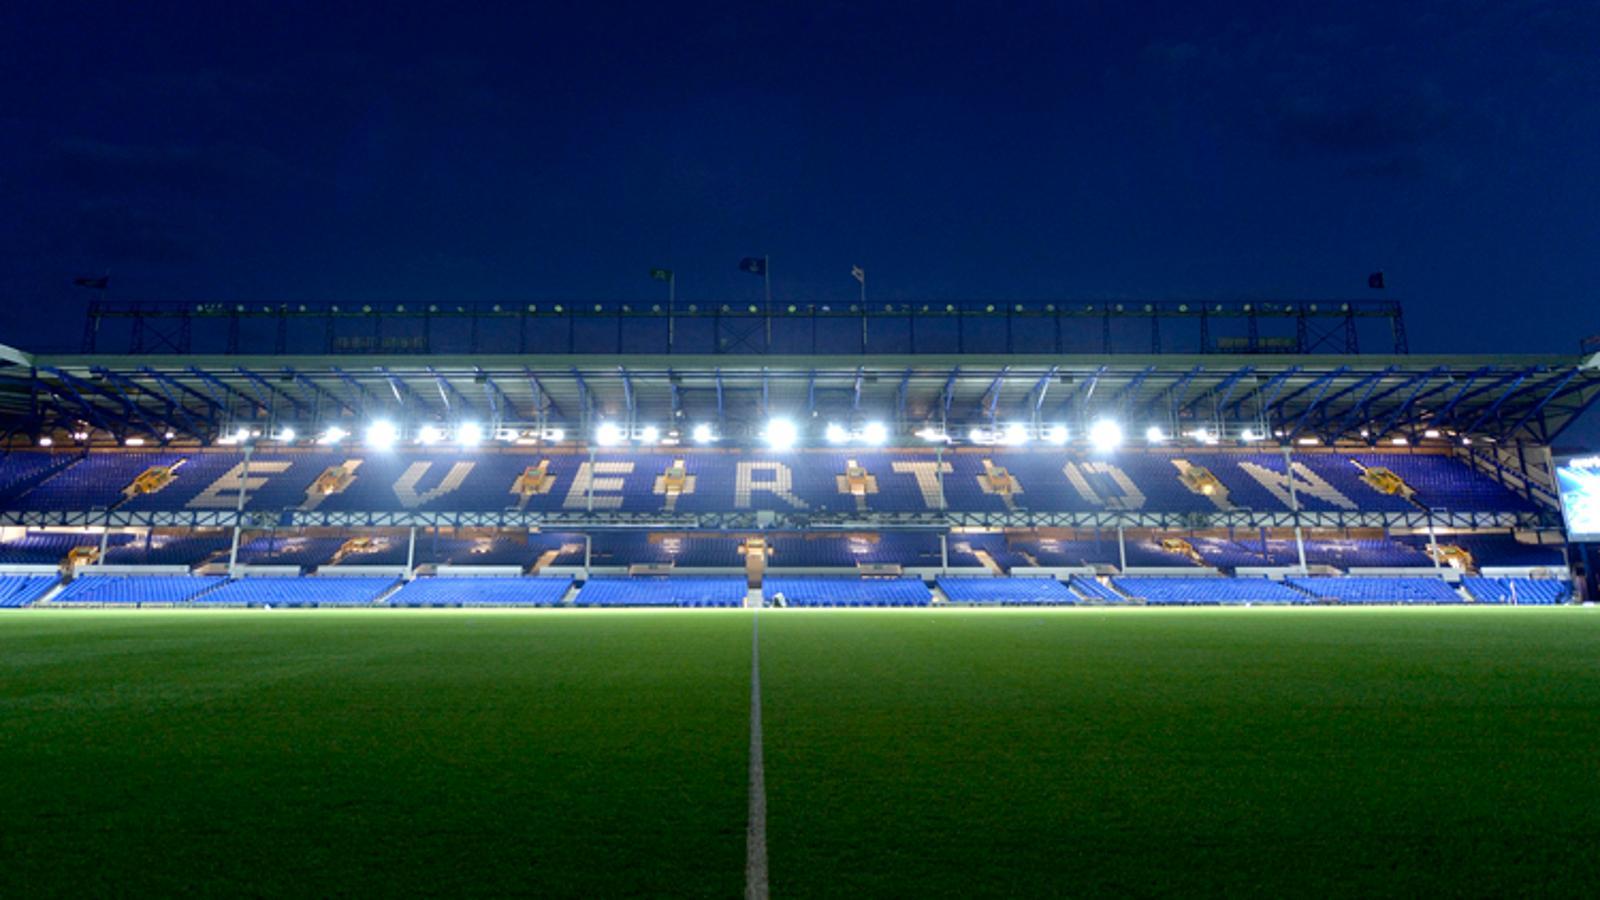 Προγνωστικά Προβλέψεις Στοίχημα Έβερτον Γκούντισον Παρκ Αγγλία Premier League